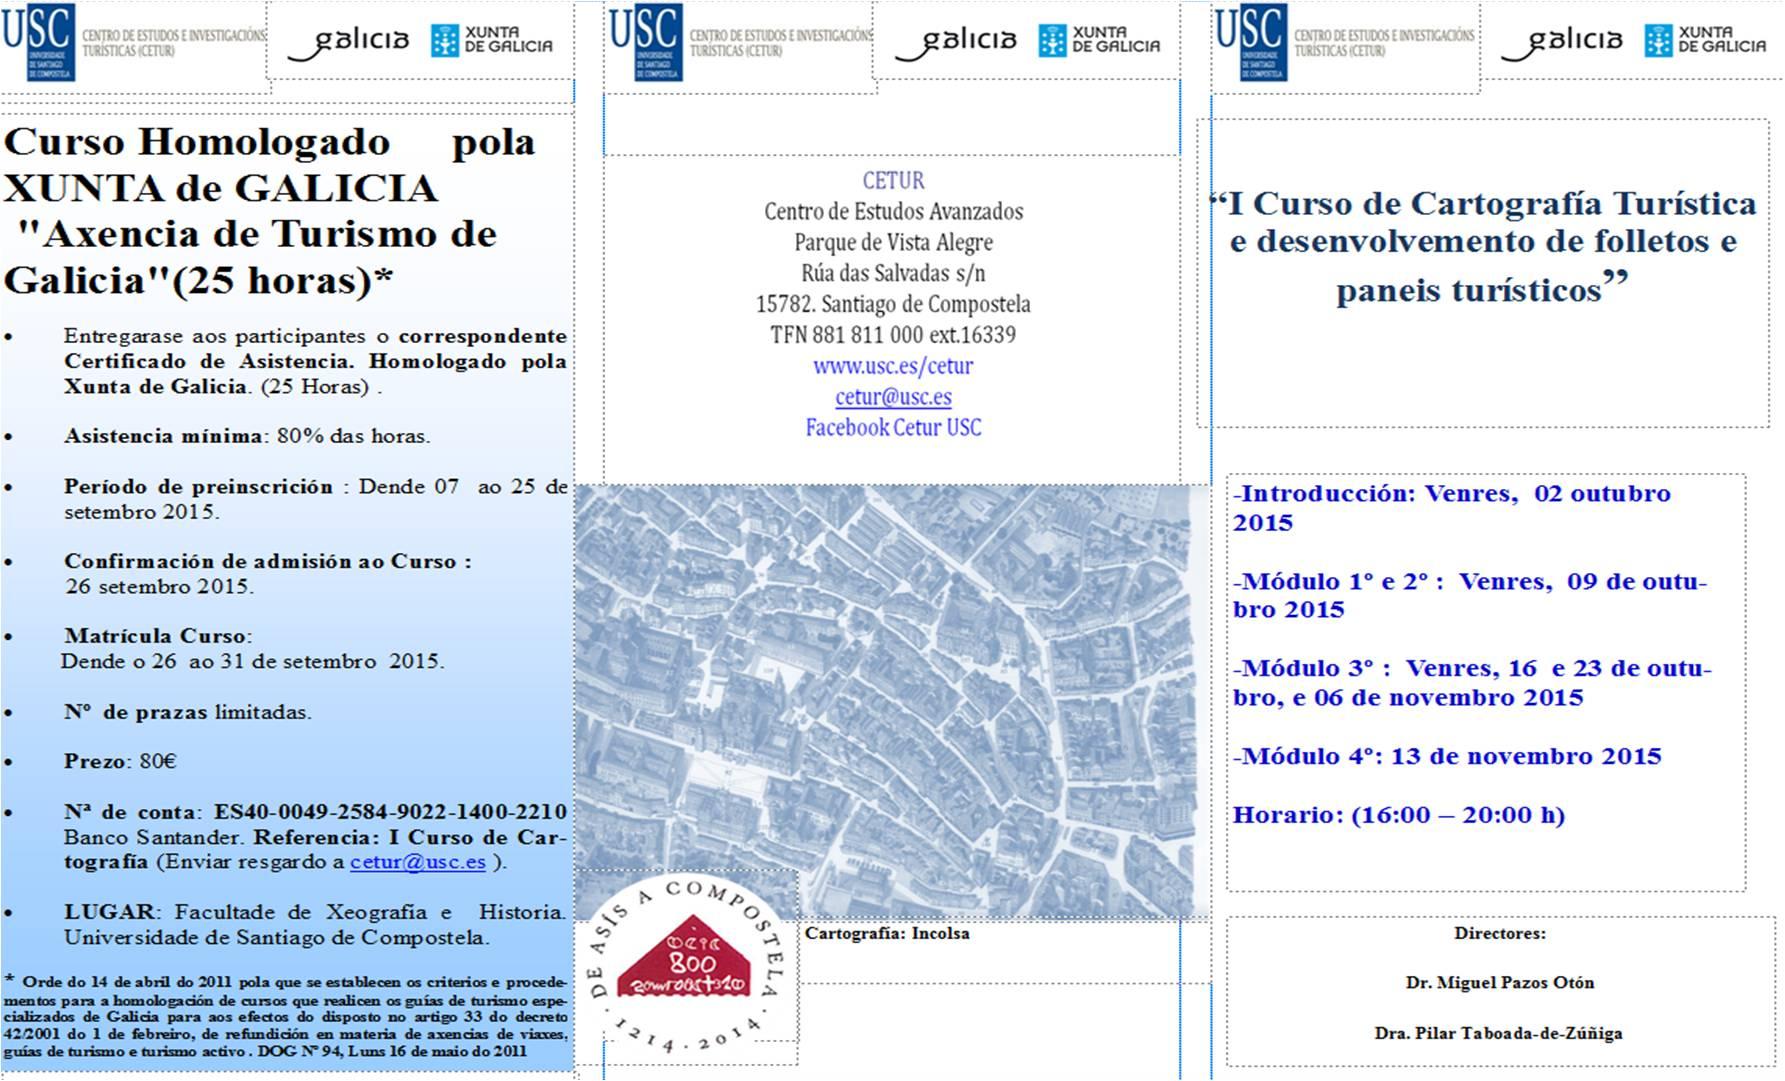 CETUR lanza su primer Curso de Cartografía Turística